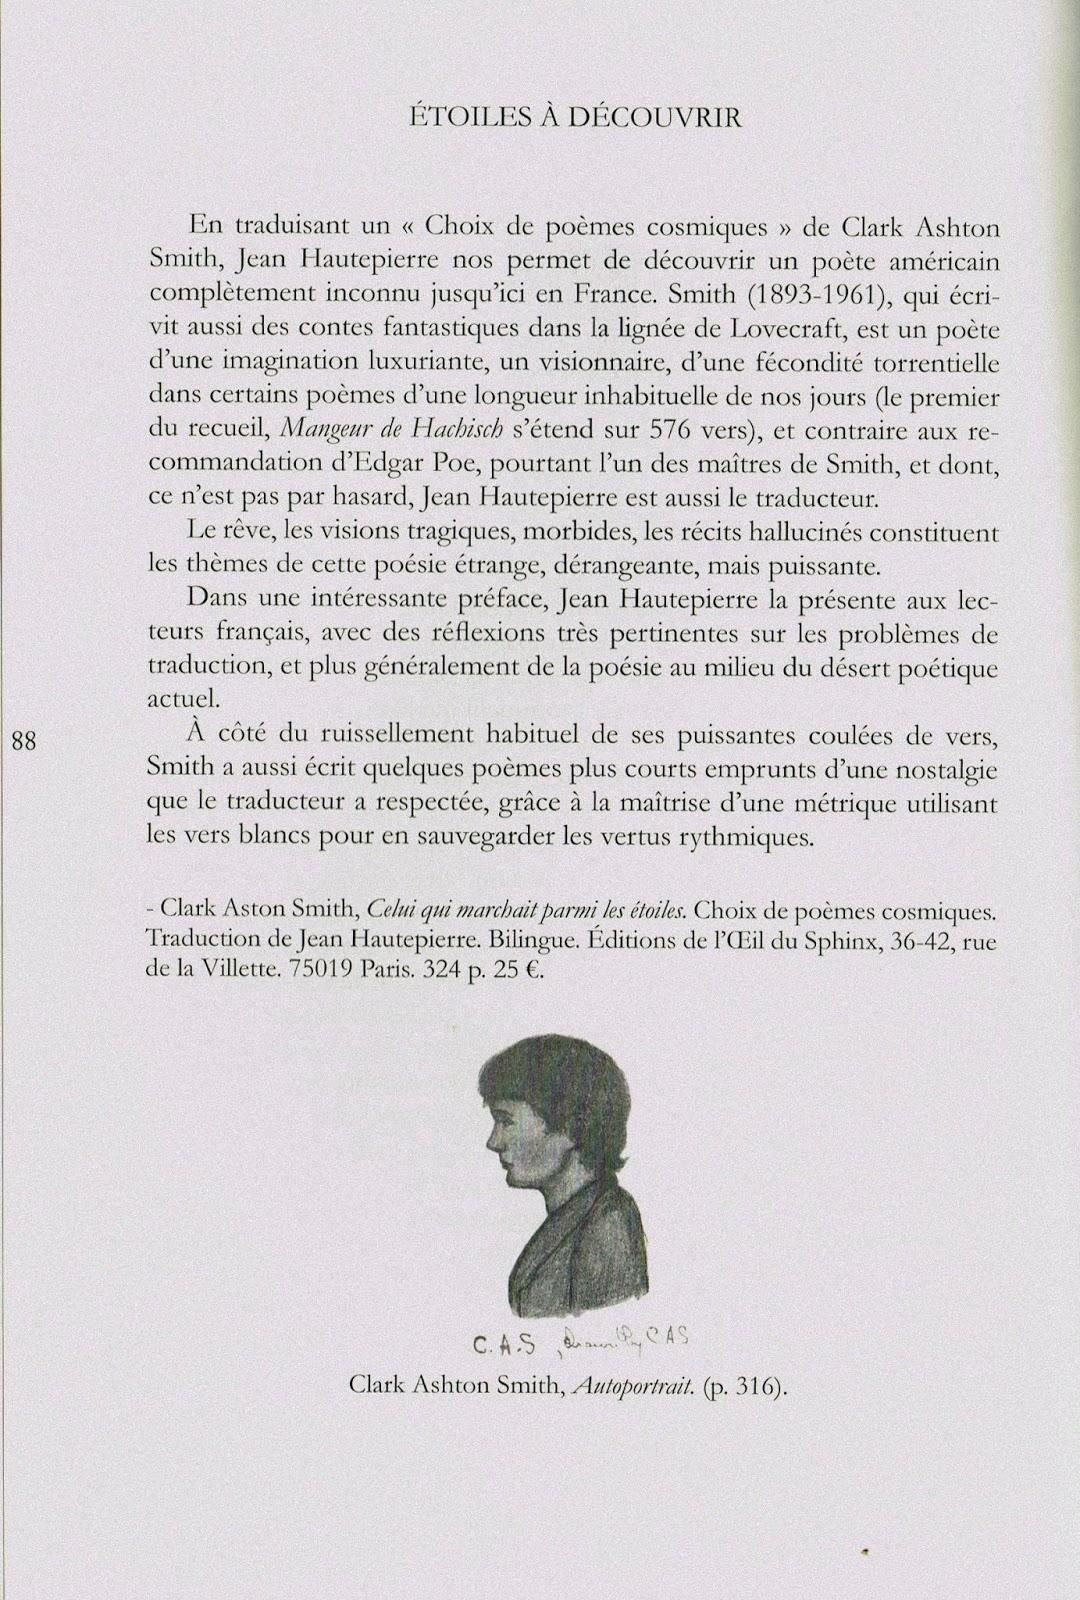 Le biblioth caire c a smith dans la revue le coin de table novembre 2013 - Le coin de table ...